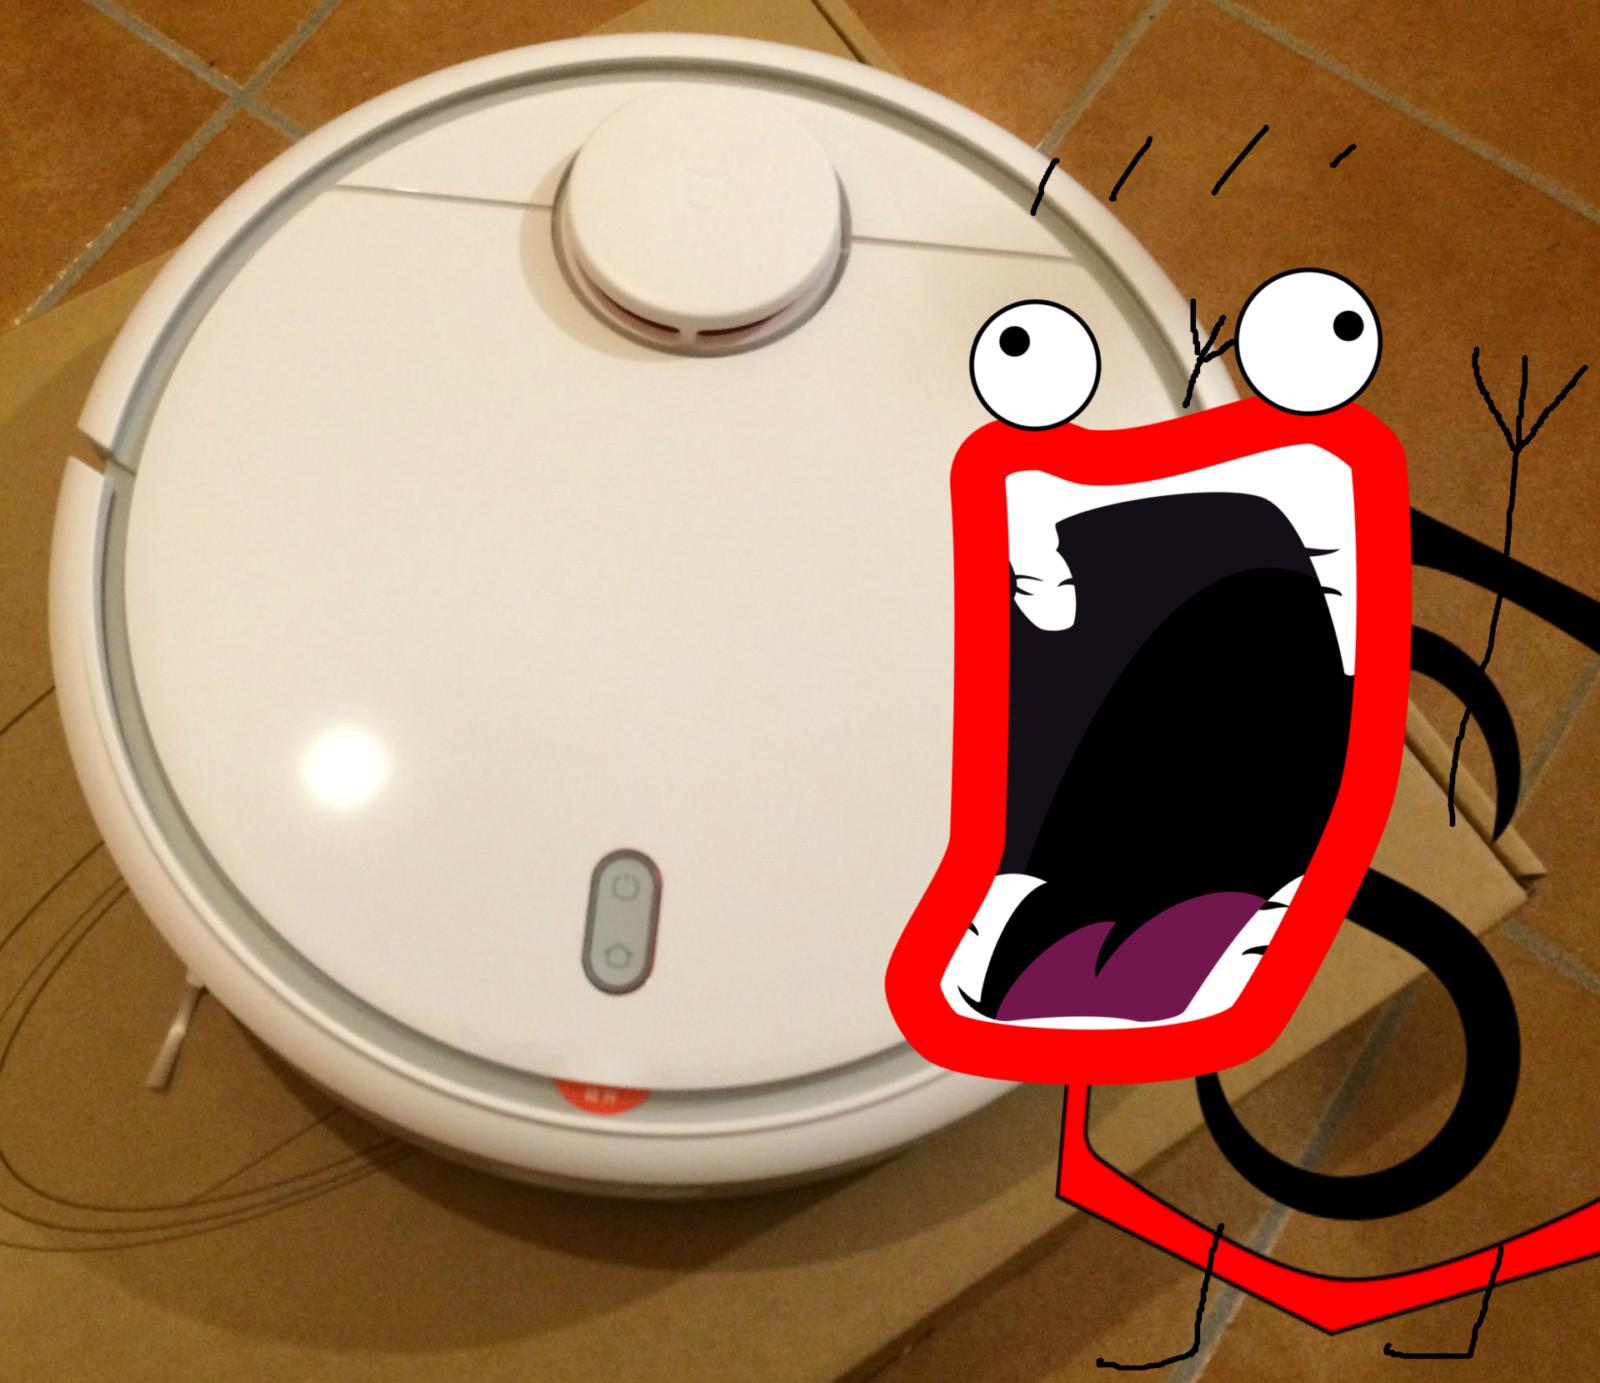 Xiaomi Mi Robot Vacuum (1st gen) A.K.A. ROBY!